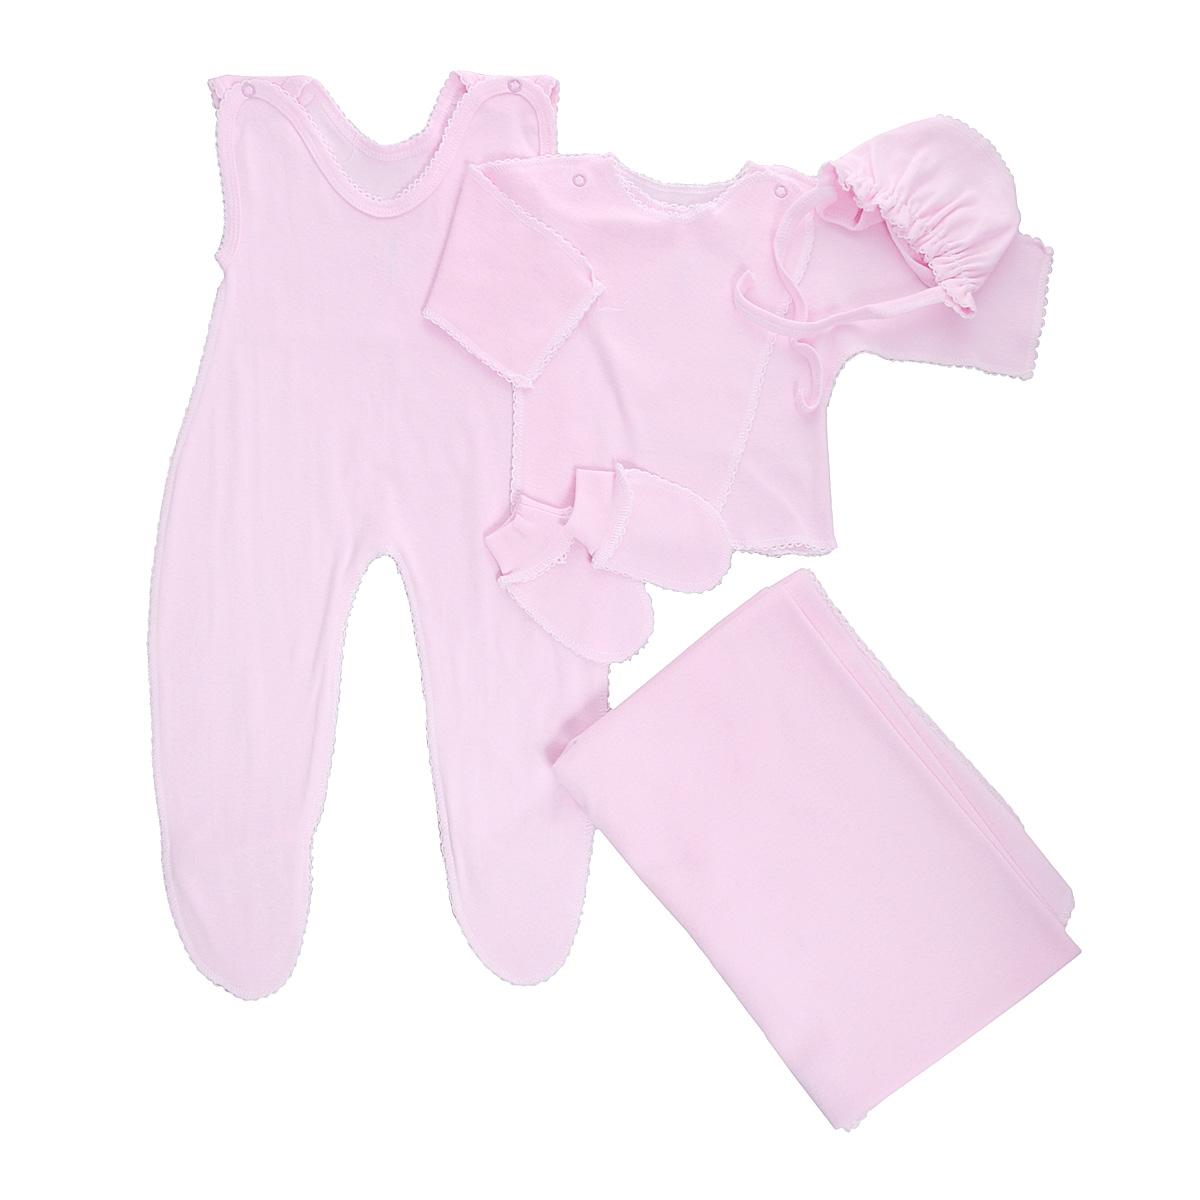 Комплект для новорожденного, 5 предметов. 71277127Комплект для новорожденного Трон-плюс - это замечательный подарок, который прекрасно подойдет для первых дней жизни малыша. Комплект состоит из ползунков с грудкой и закрытыми ножками, распашонки, чепчика, рукавичек и пеленки. Комплект изготовлен из натурального хлопка, благодаря чему он необычайно мягкий и приятный на ощупь, не сковывает движения младенца и позволяет коже дышать, не раздражает даже самую нежную и чувствительную кожу ребенка, обеспечивая ему наибольший комфорт. Распашонка с запахом, застегивается при помощи двух кнопок на плечах, которые позволяют без труда переодеть ребенка. Швы выполнены наружу и обработаны ажурными петельками. Ползунки с закрытыми ножками, застегивающиеся сверху на две кнопочки, идеально подойдут вашему ребенку, обеспечивая ему наибольший комфорт. Подходят для ношения с подгузником и без него. Мягкий чепчик с завязочками защищает еще не заросший родничок, щадит чувствительный слух малыша, прикрывая ушки, и предохраняет от...